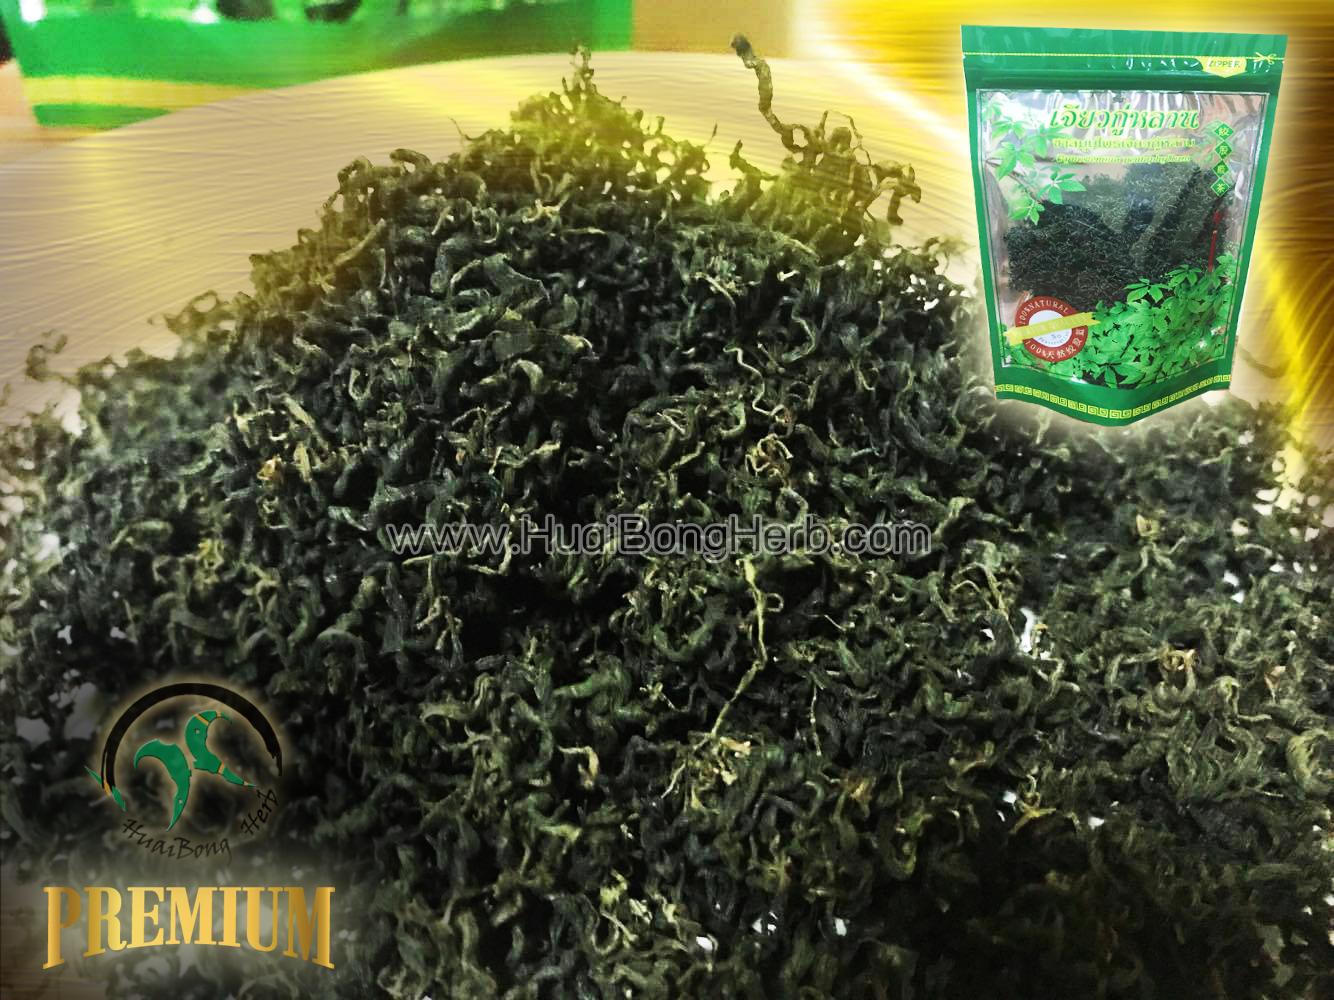 ชาเจียวกู่หลานยอดใบชา(ยอดใบอ่อน) 100 กรัม